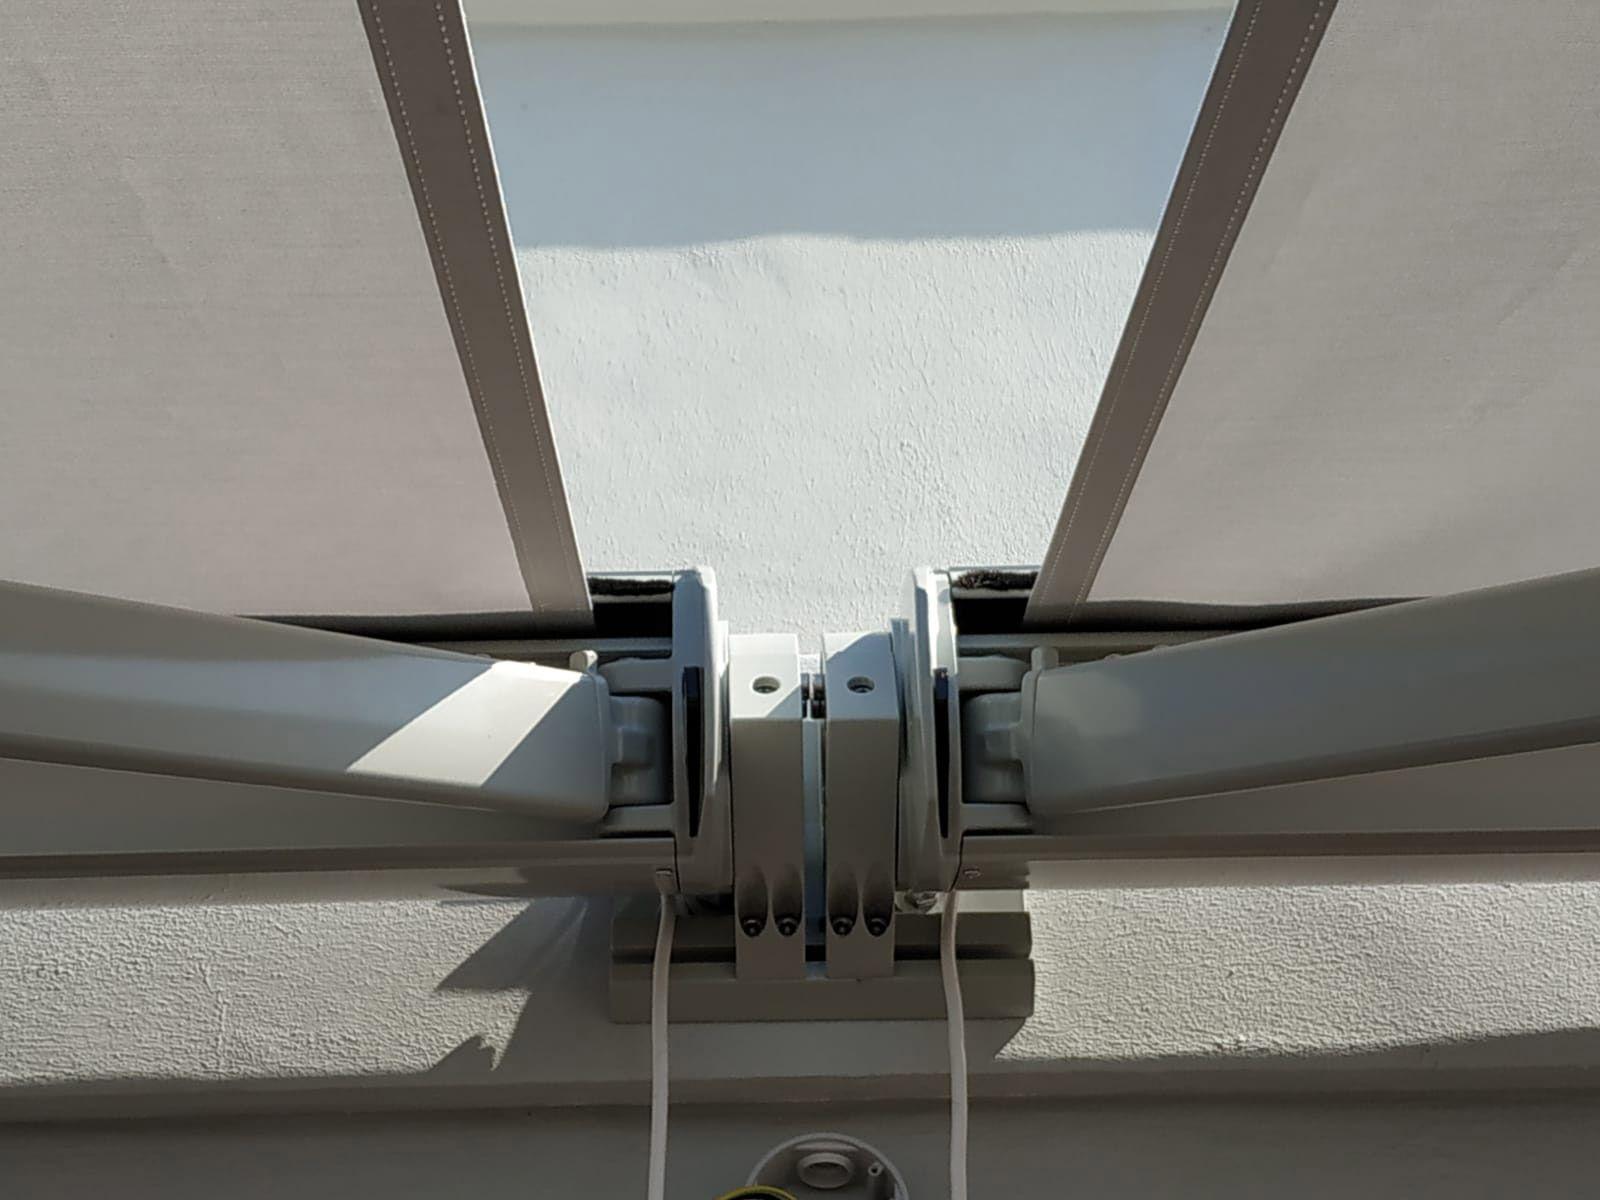 Instalación de toldos en Donosti